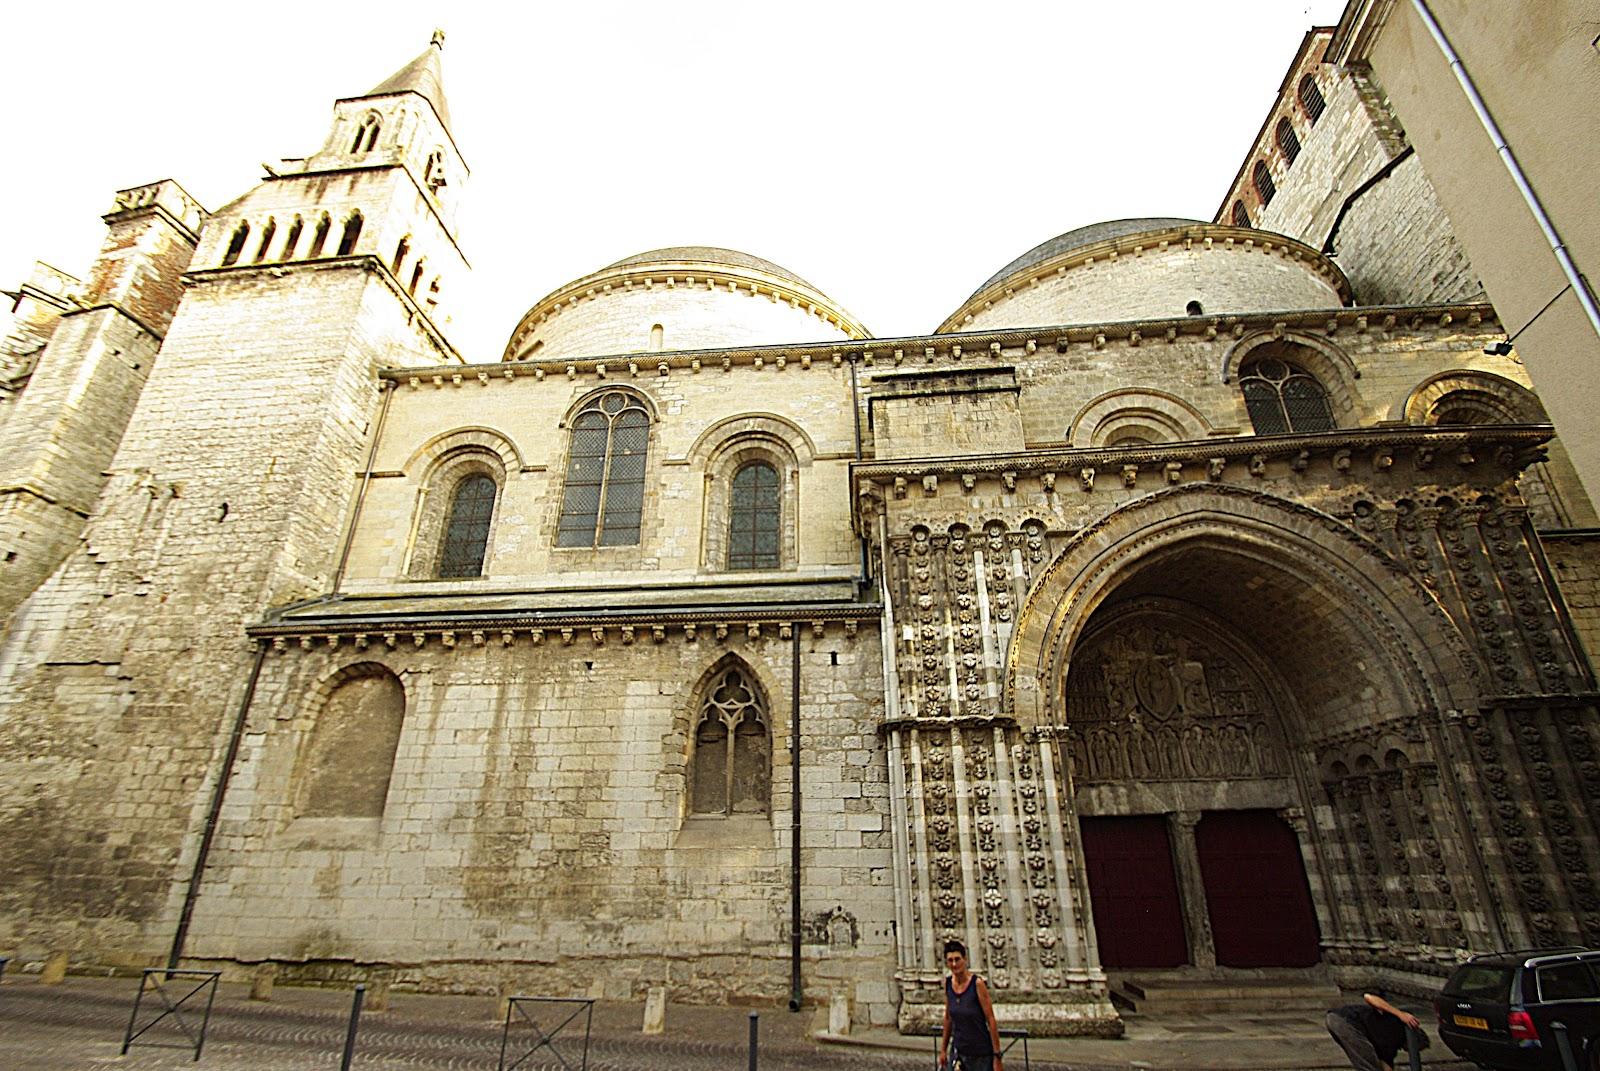 Cahors cath drale saint etienne art roman corse provence - Cathedrale saint etienne de cahors ...